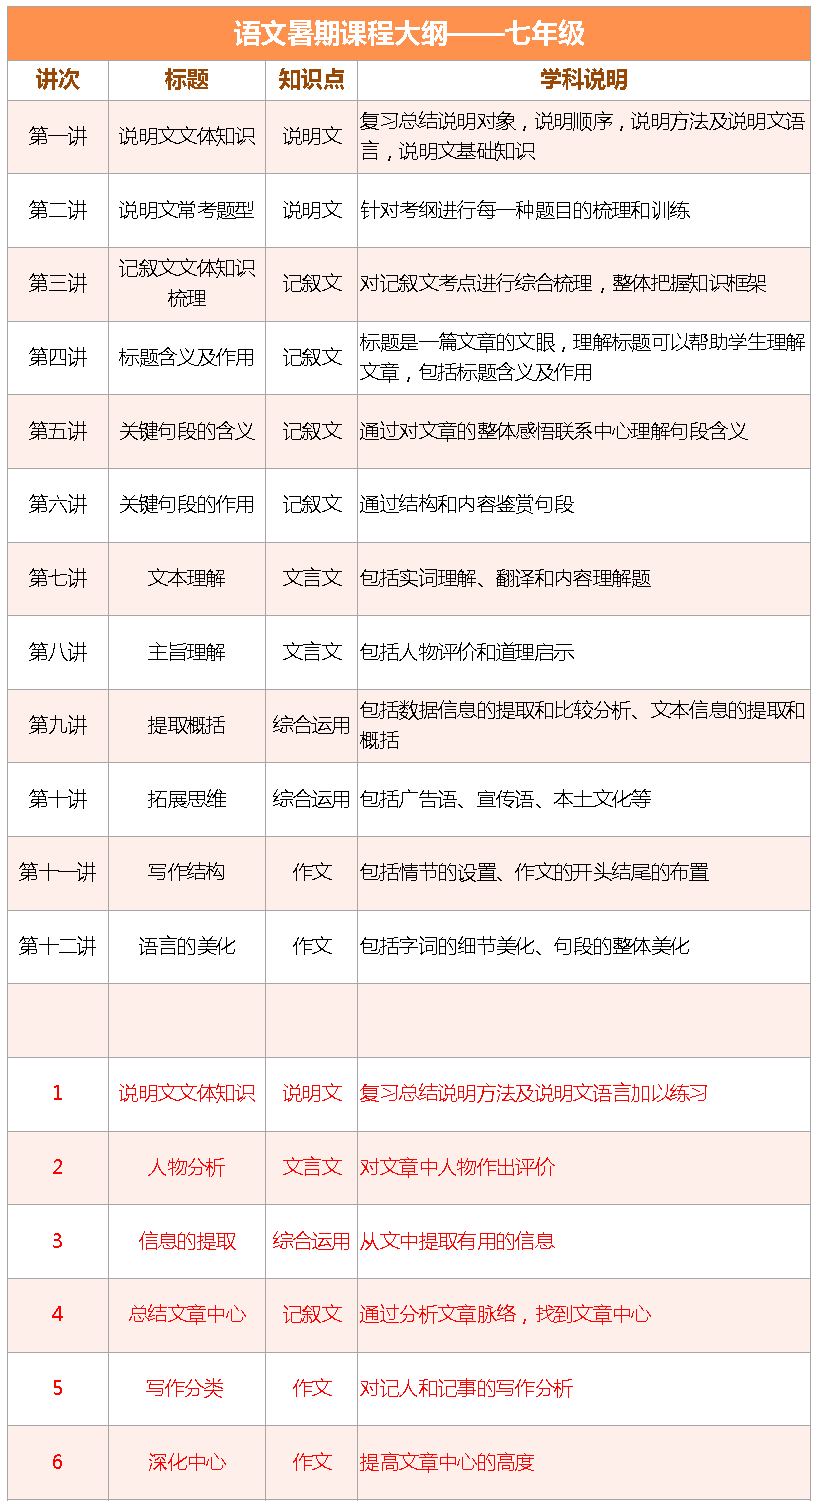 2017上海�壑强凳钇�1��1――初一�Z文